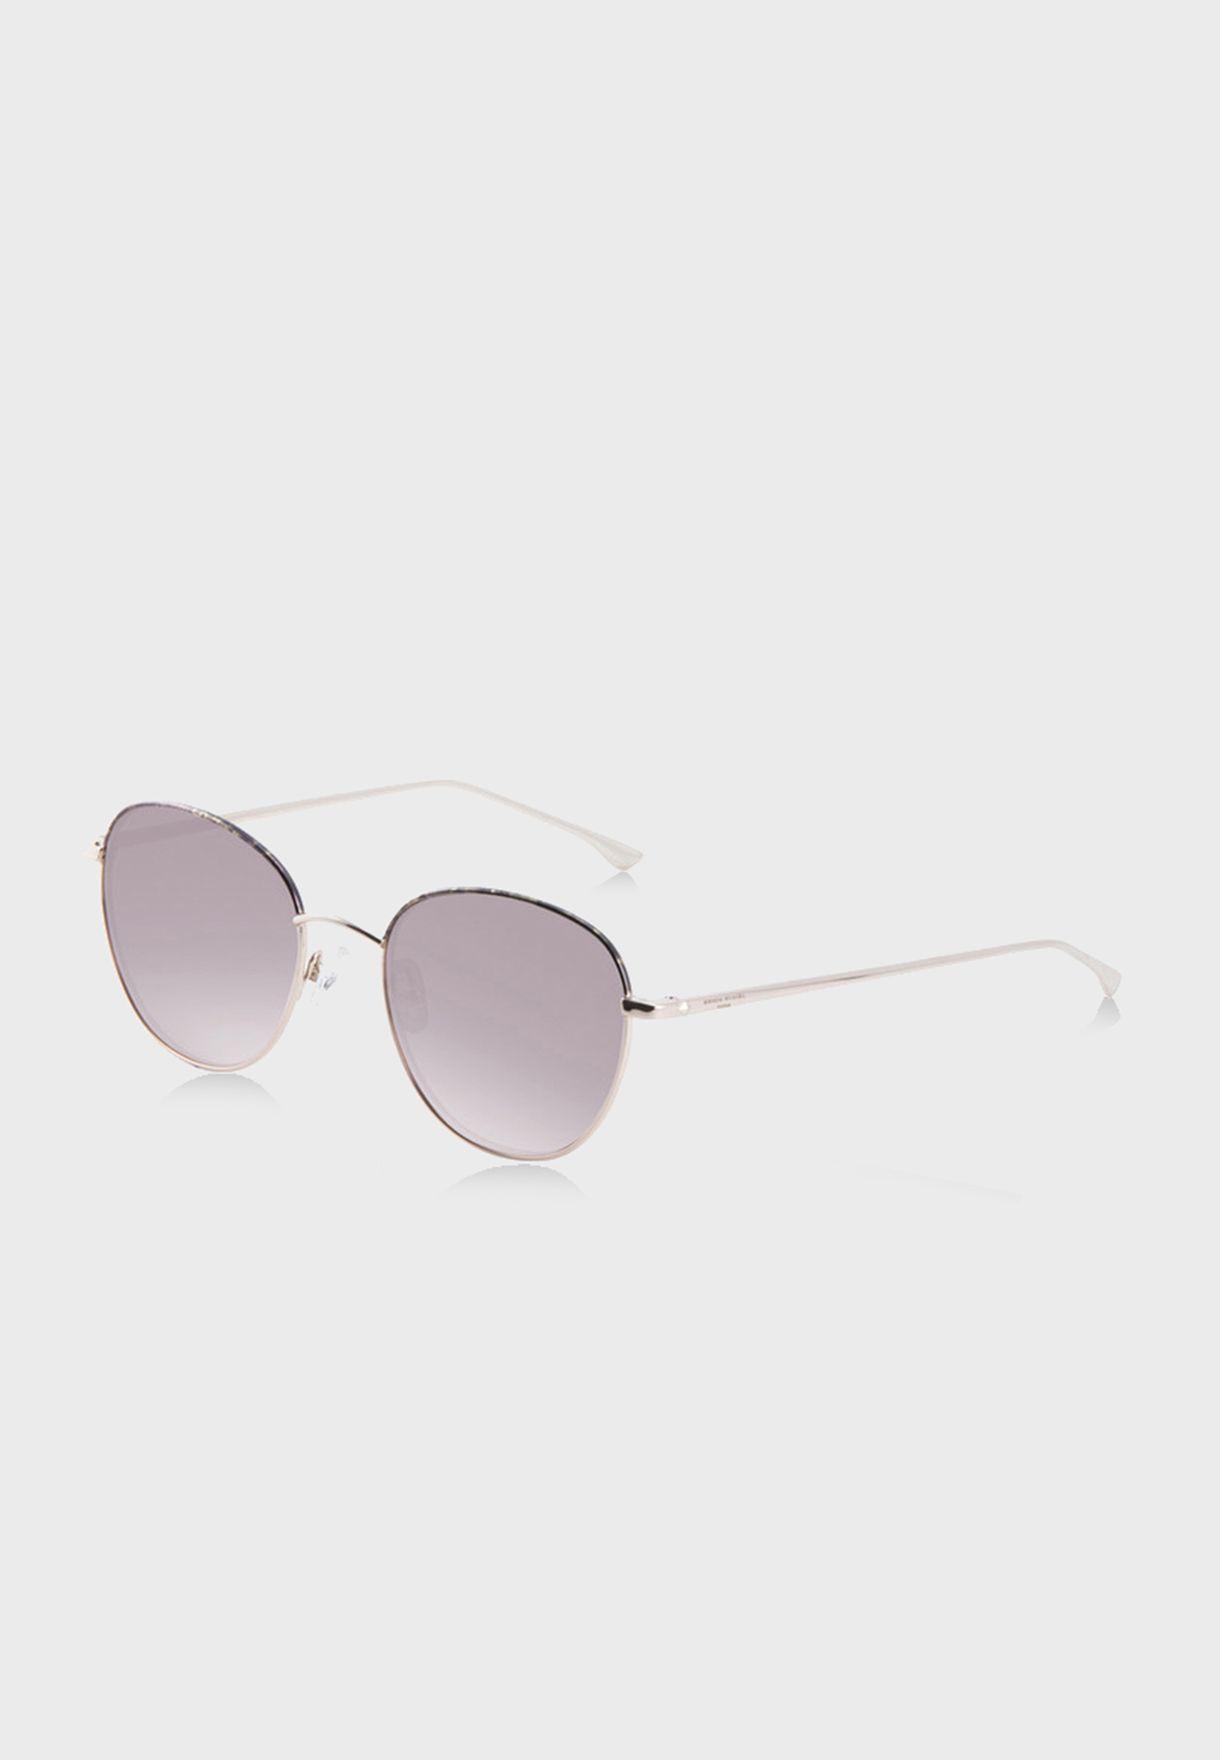 L SR777803 Aviator Sunglasses